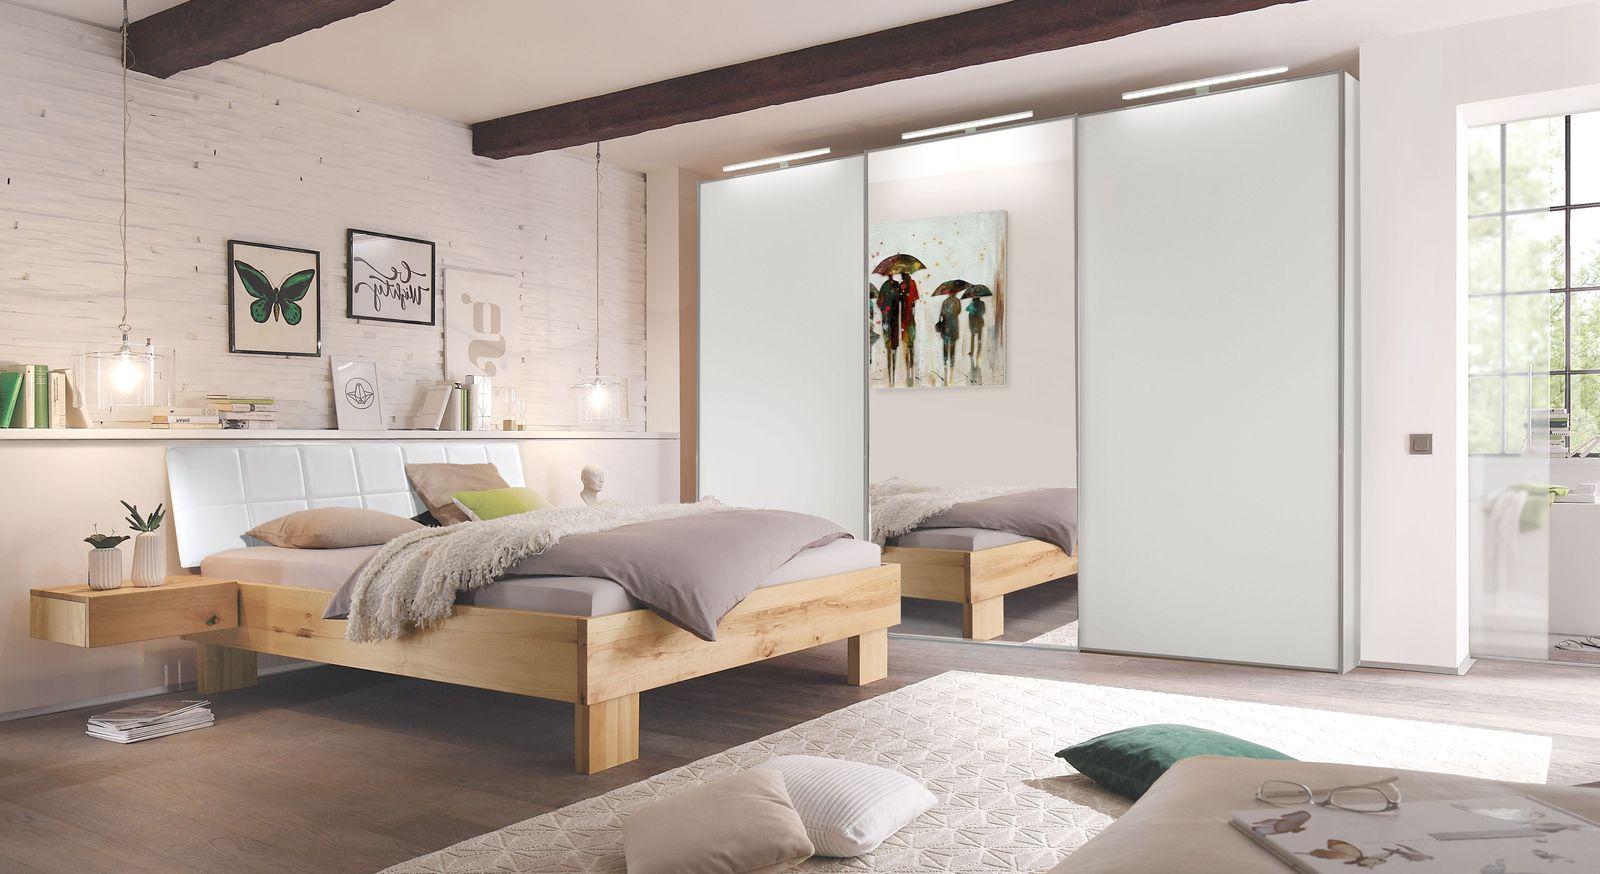 Schlafzimmer komplett günstig massive Wildbuche - Nemea